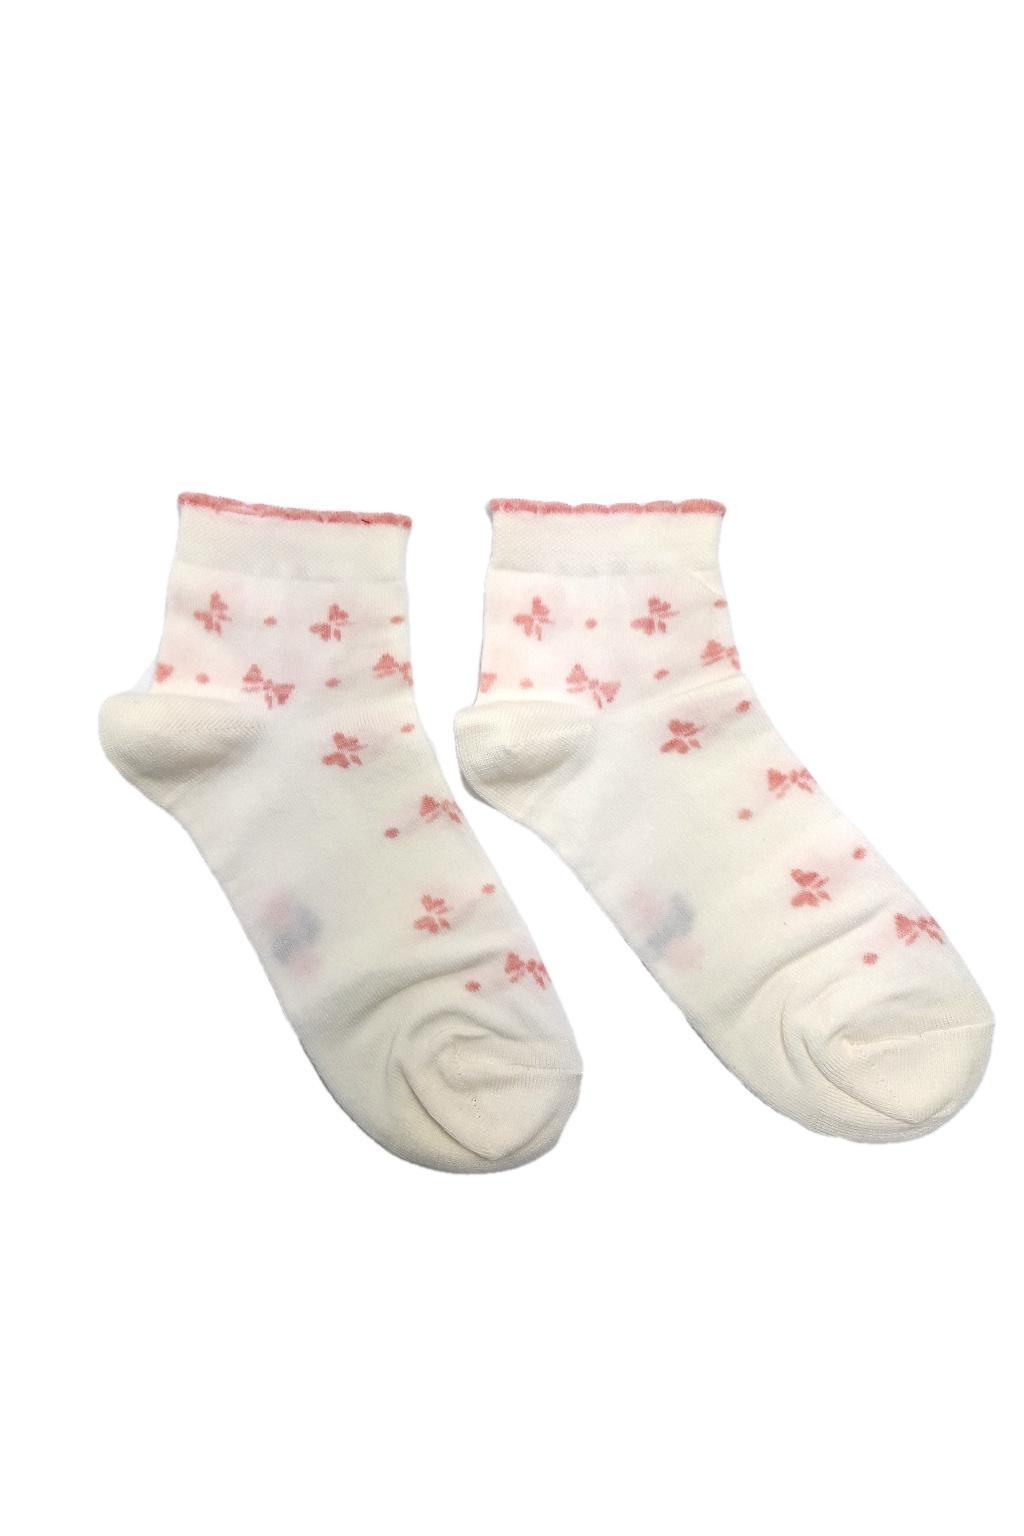 damske ponozky krem